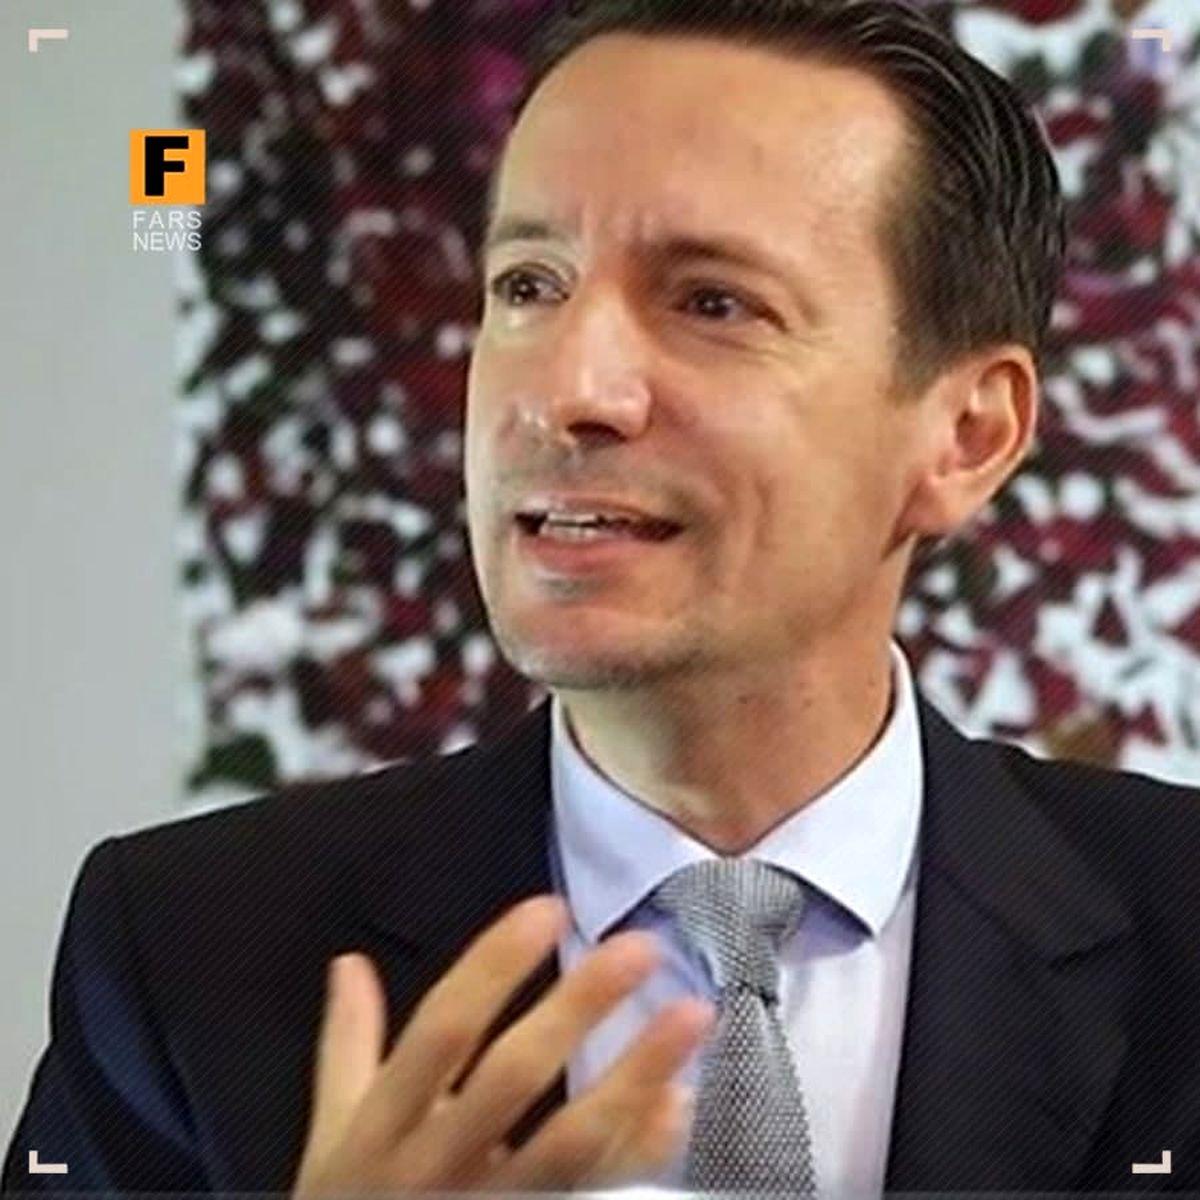 سفیر ایتالیا در حمله شبهنظامیان کنگو کشته شد